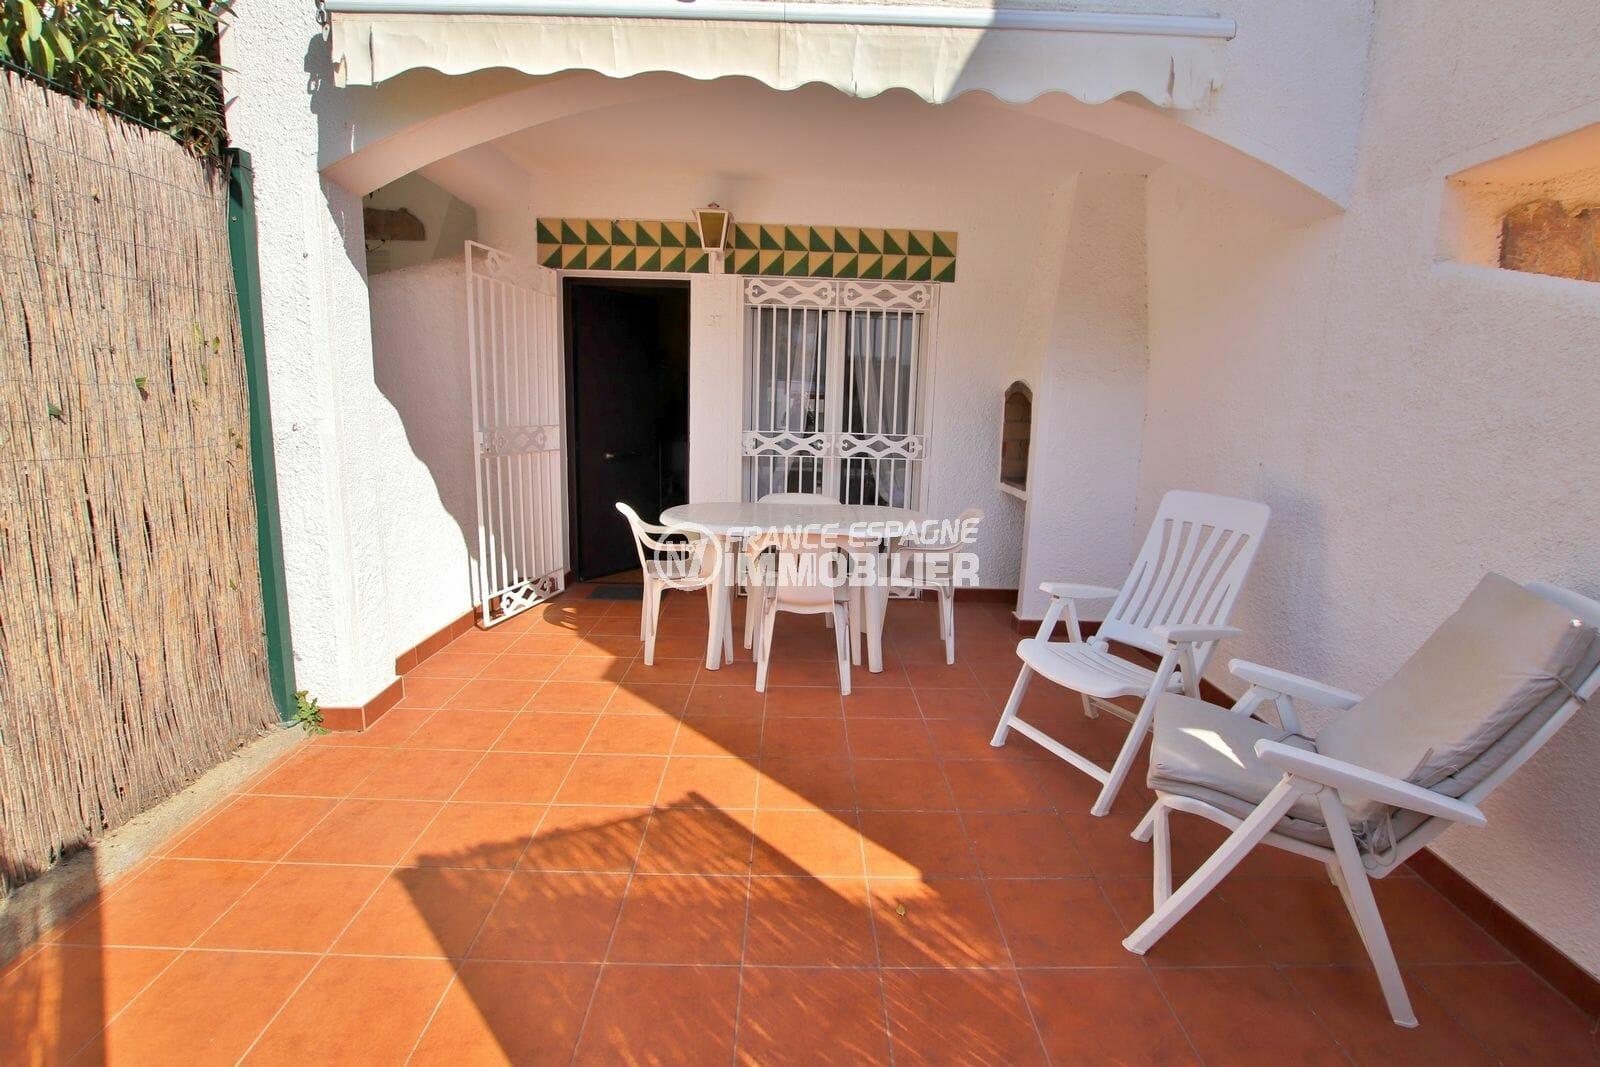 immo roses: villa rénovée 74 m² 2 chambres, dont une avec terrasse, piscine communautaire, plage et commerces 2300 m